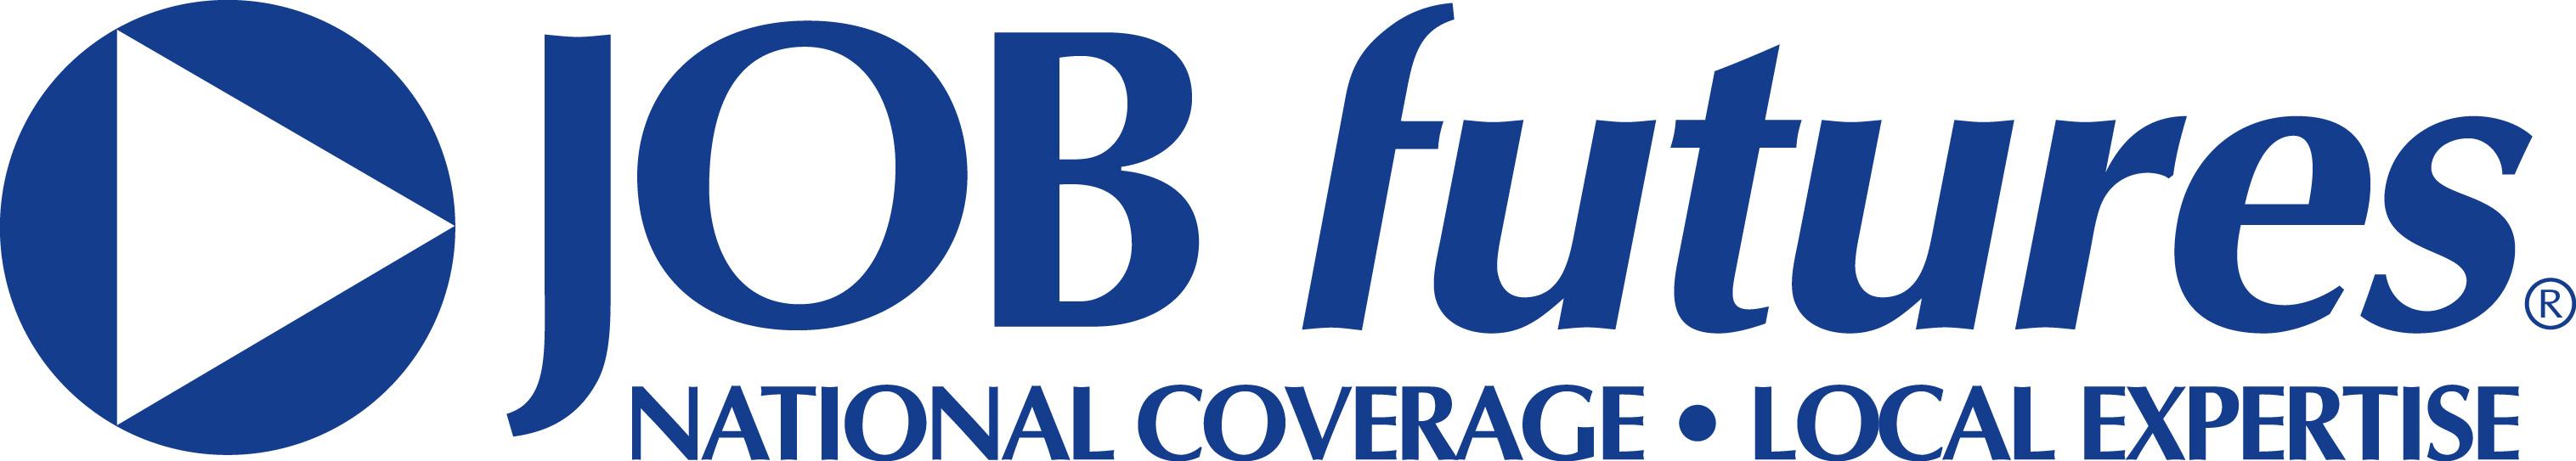 Jobfutures logo (2)